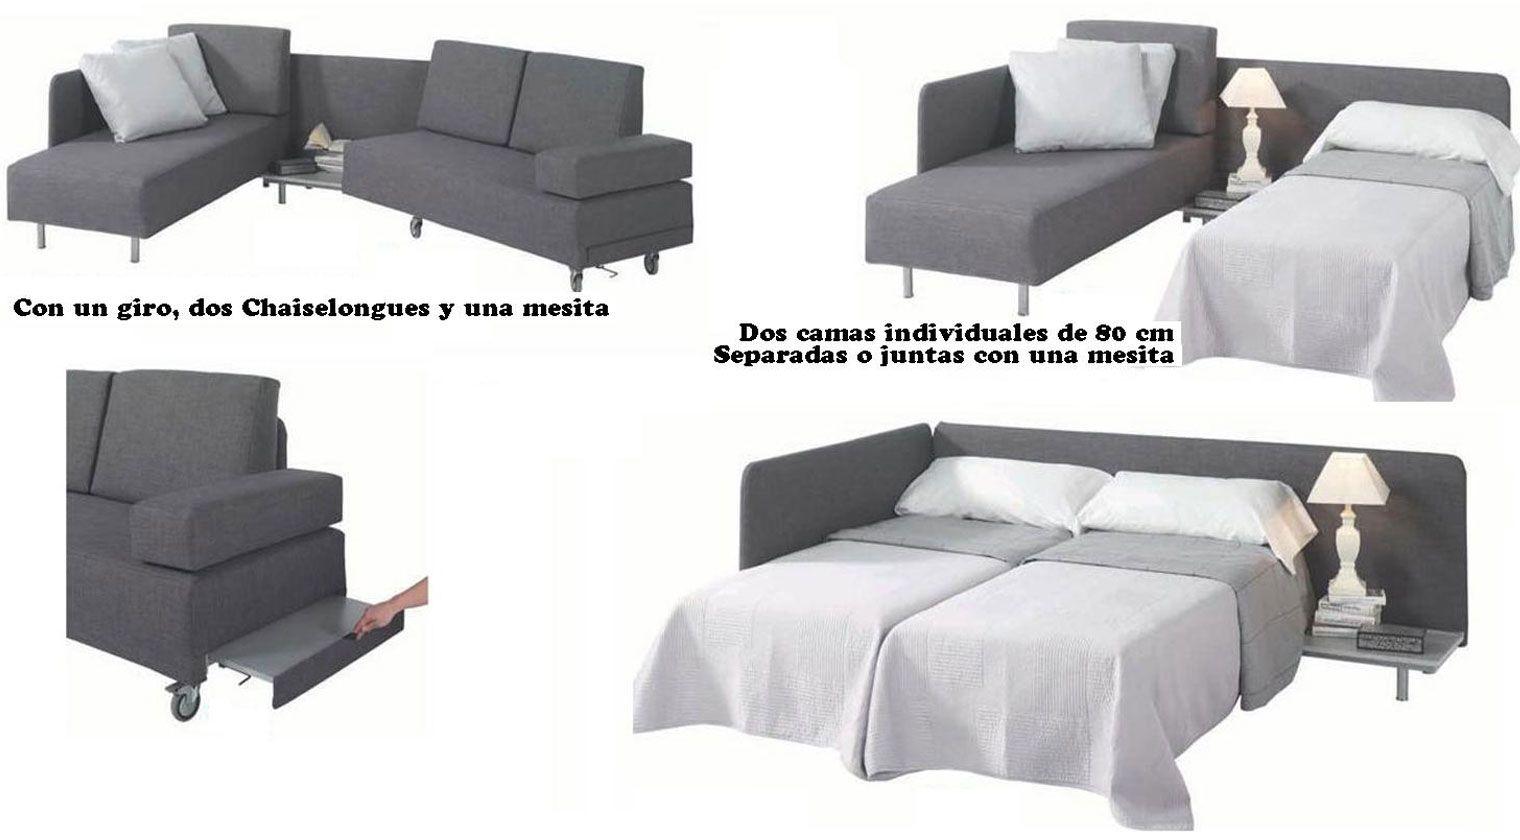 Sof cama laval sofas cama convertibles for Sofa cama dos plazas precios